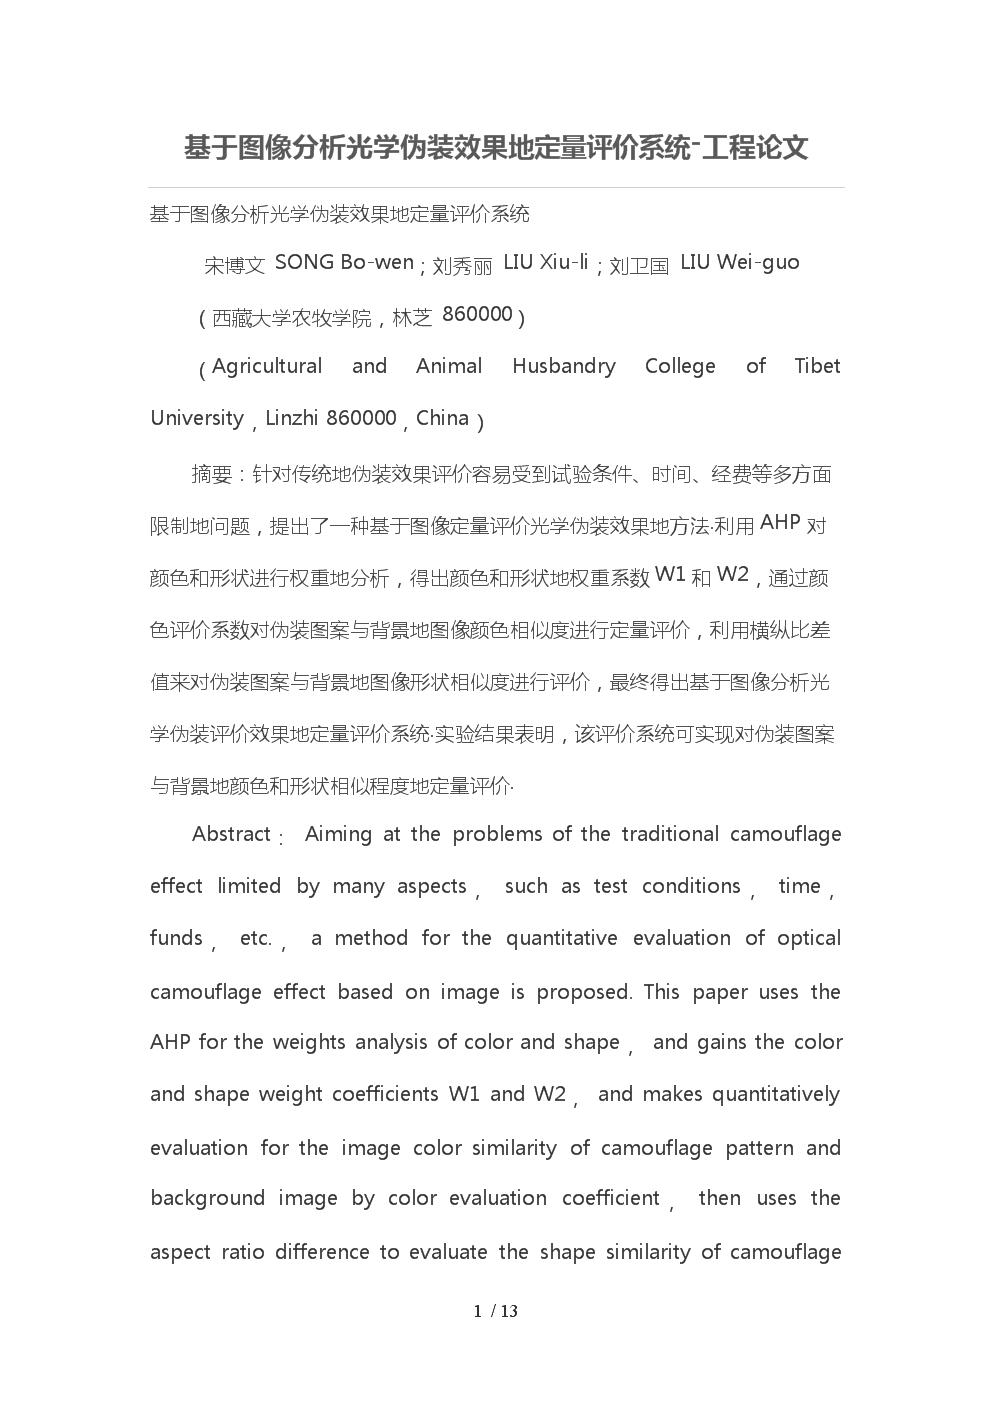 基于图像分析研究光学伪装效果的定量评价系统.doc